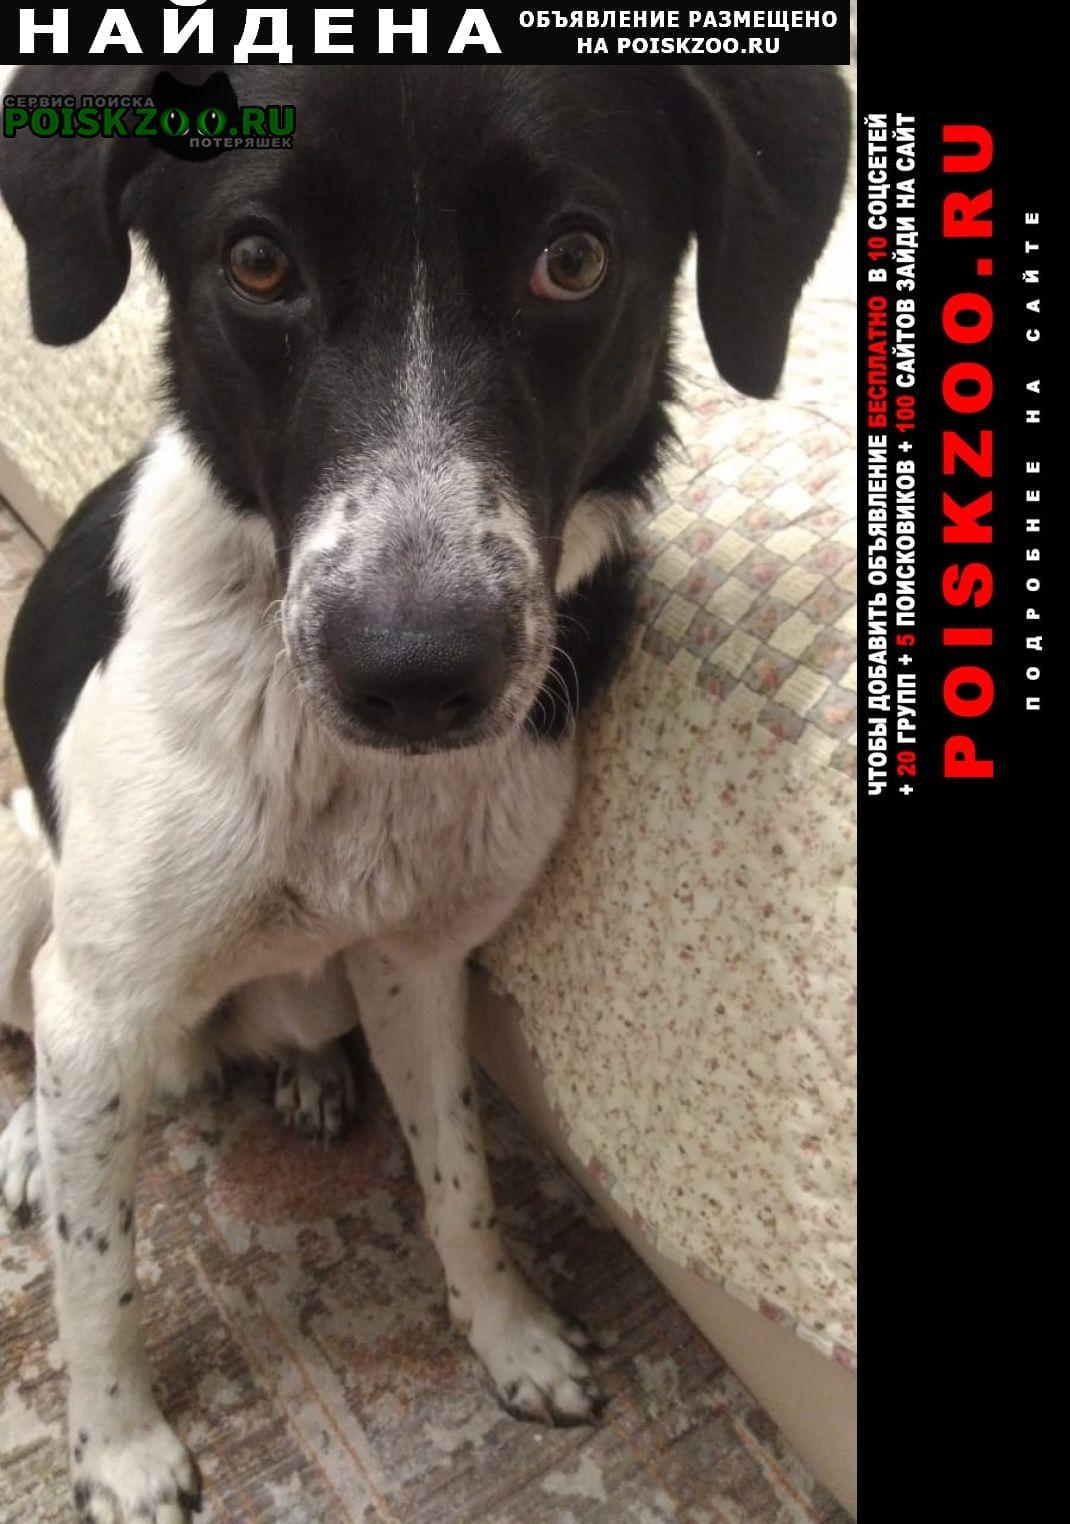 Найдена собака Люберцы